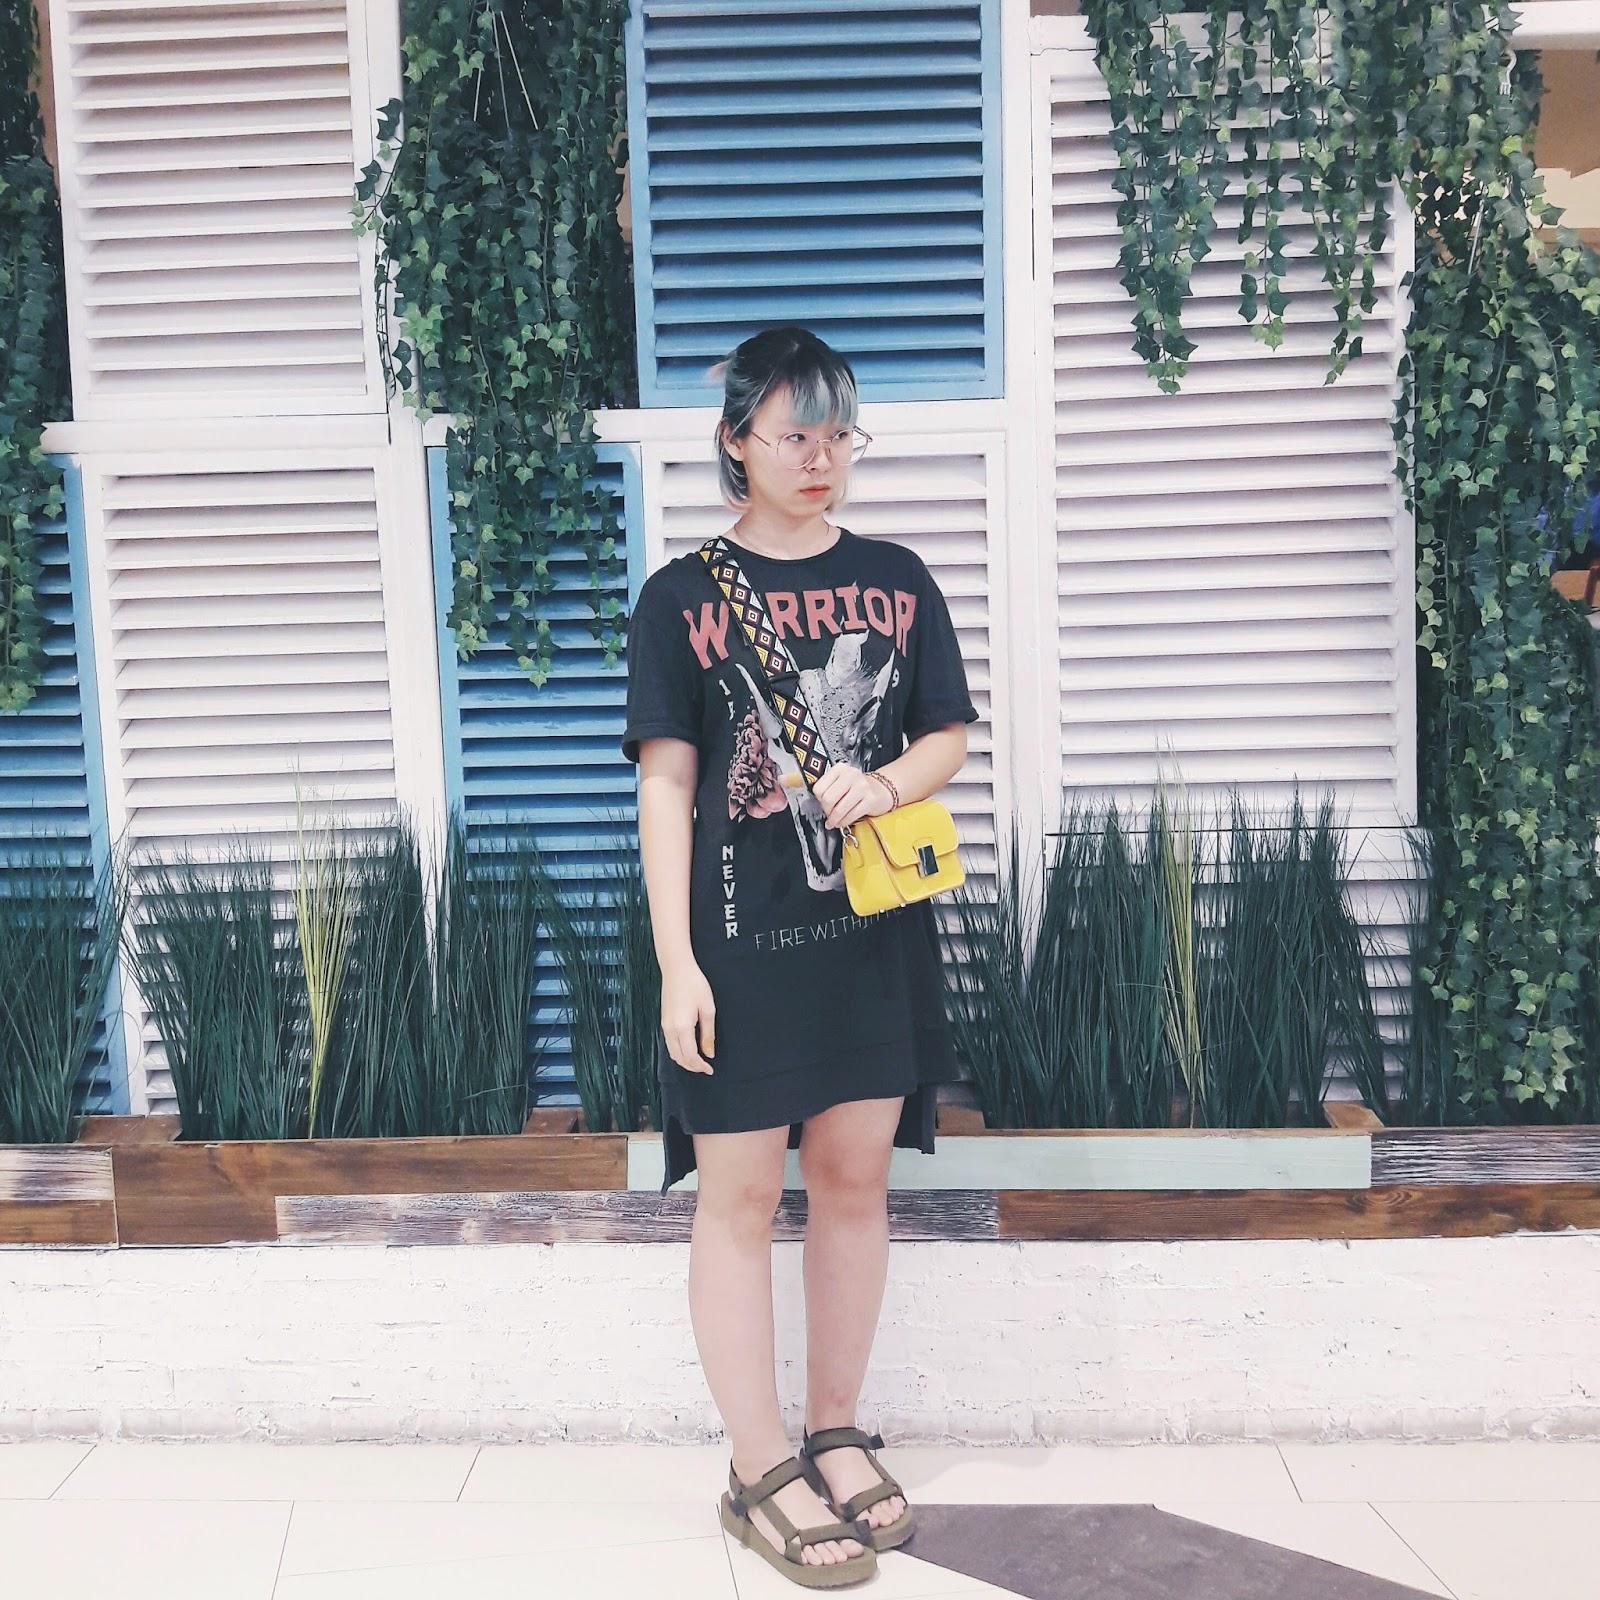 Warrior outfit | www.bigdreamerblog.com